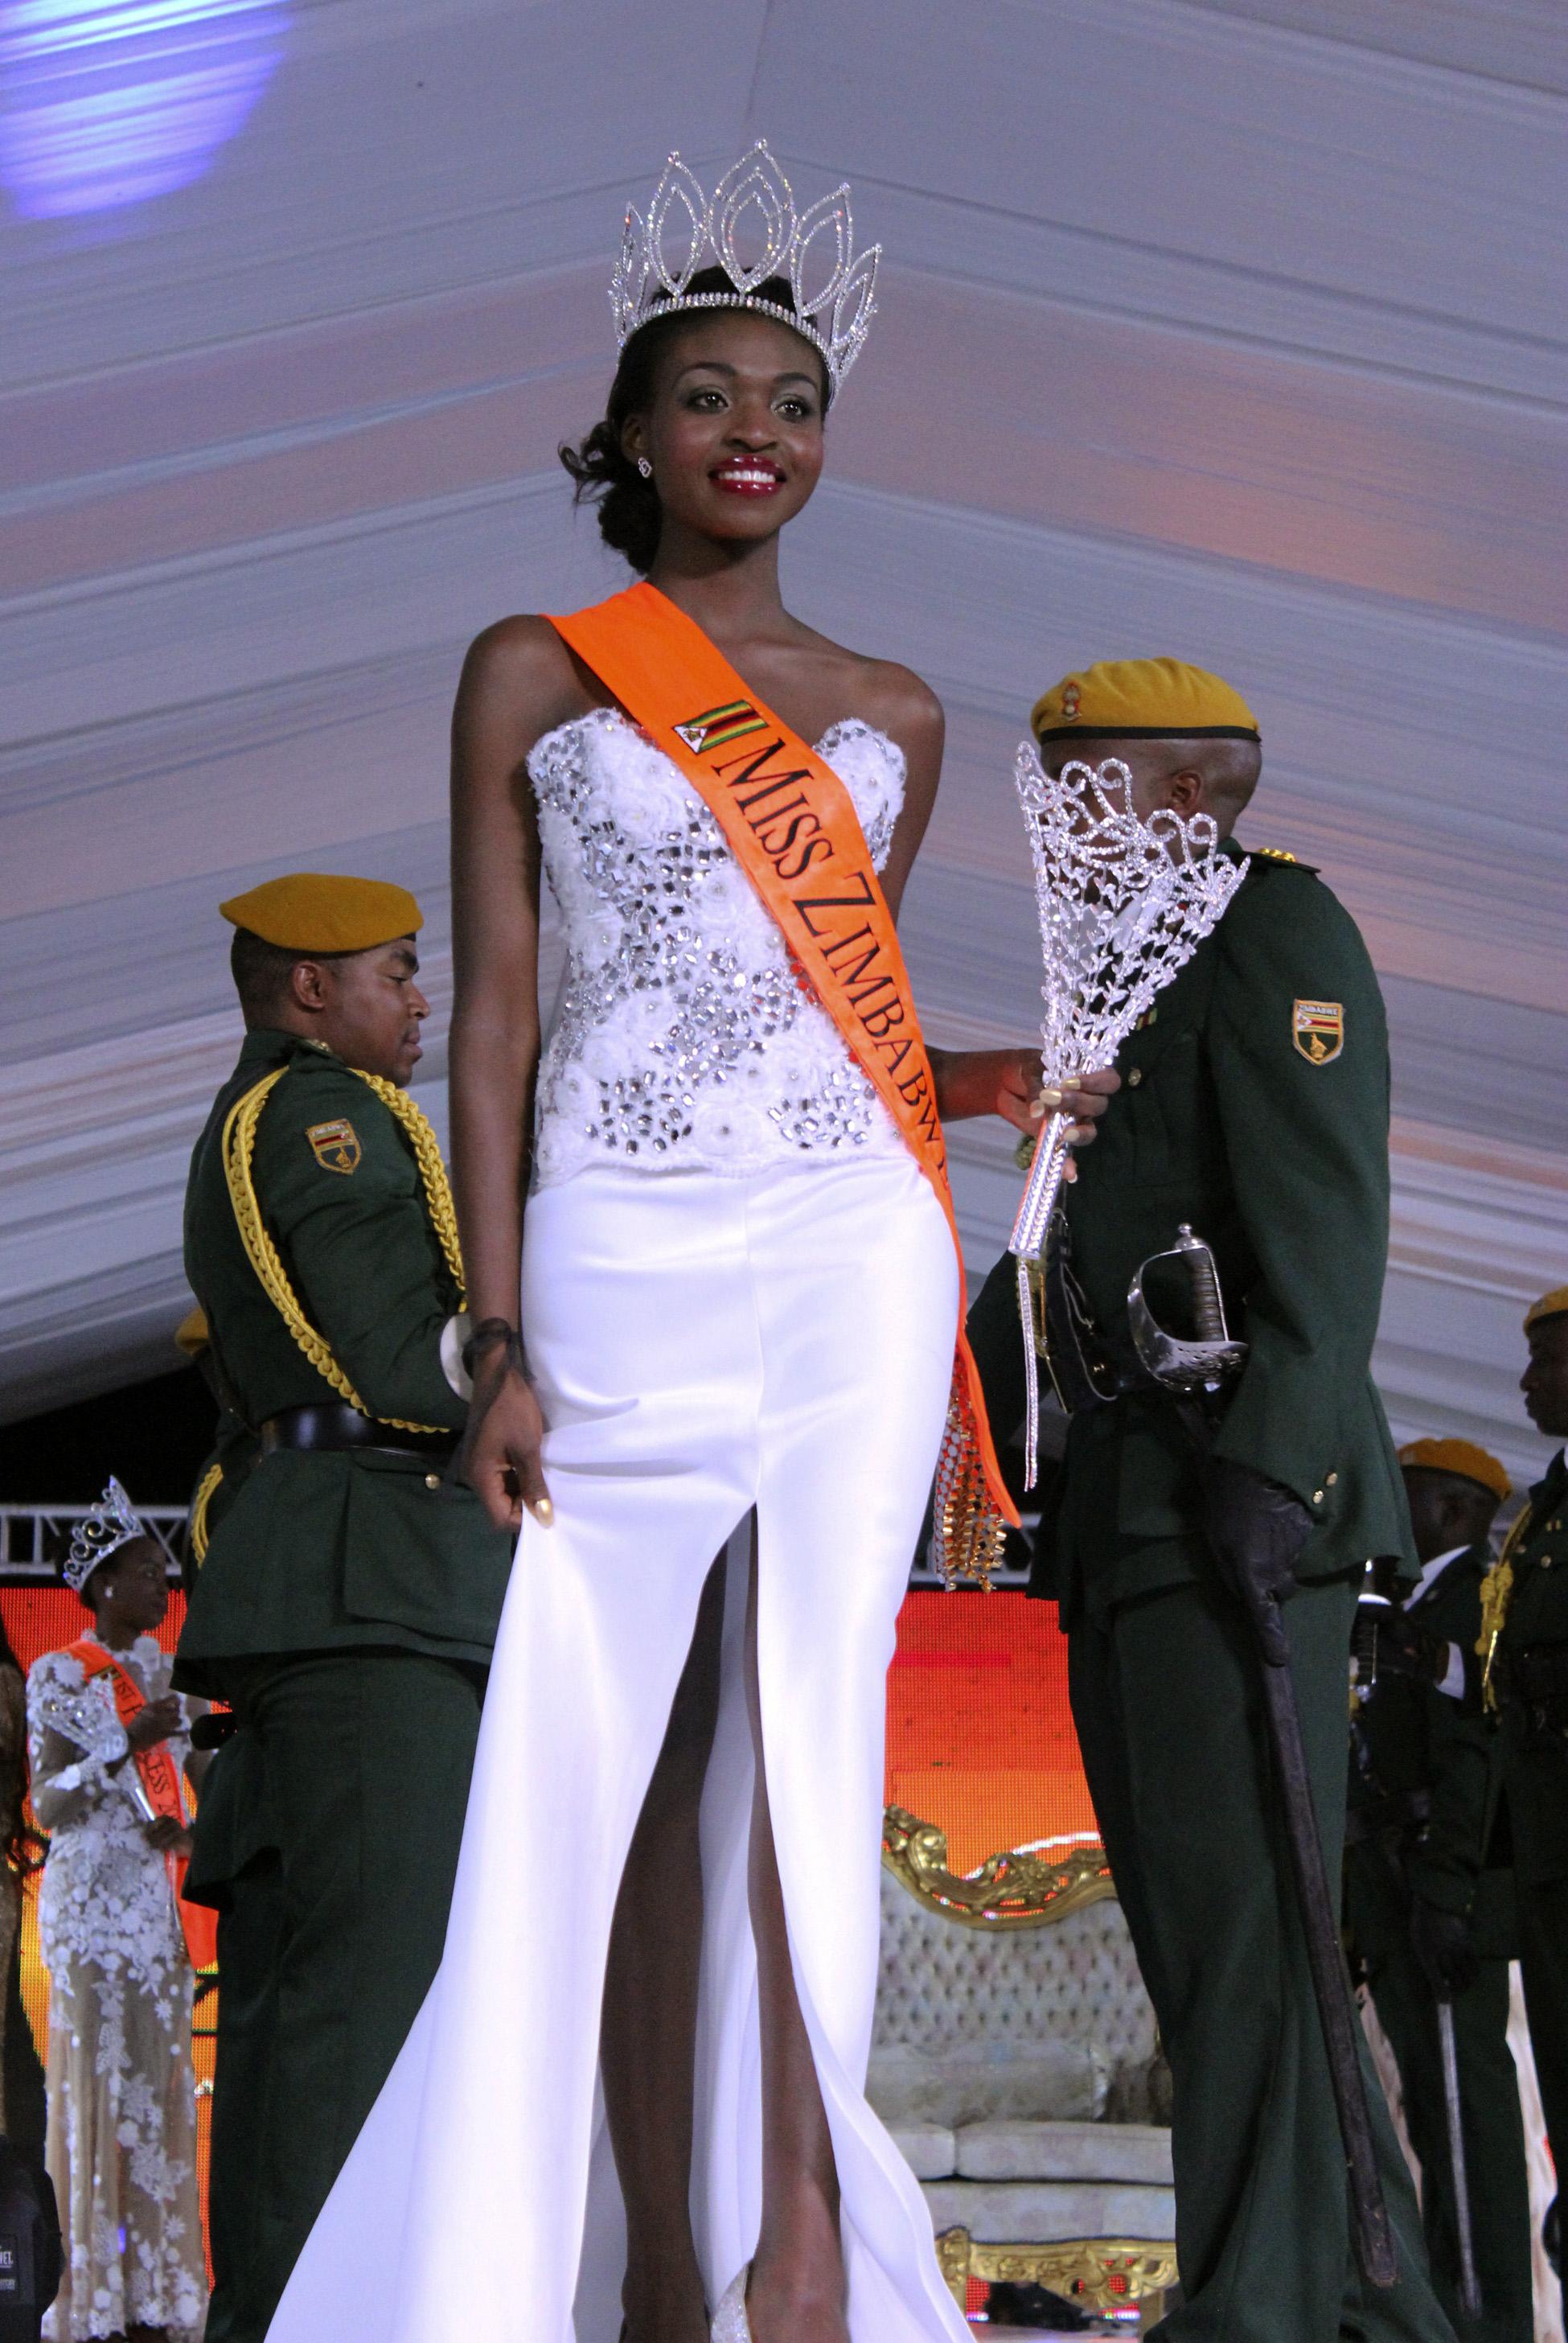 Мисс Зимбабве 2015 Эмили Качоте лишилась короны